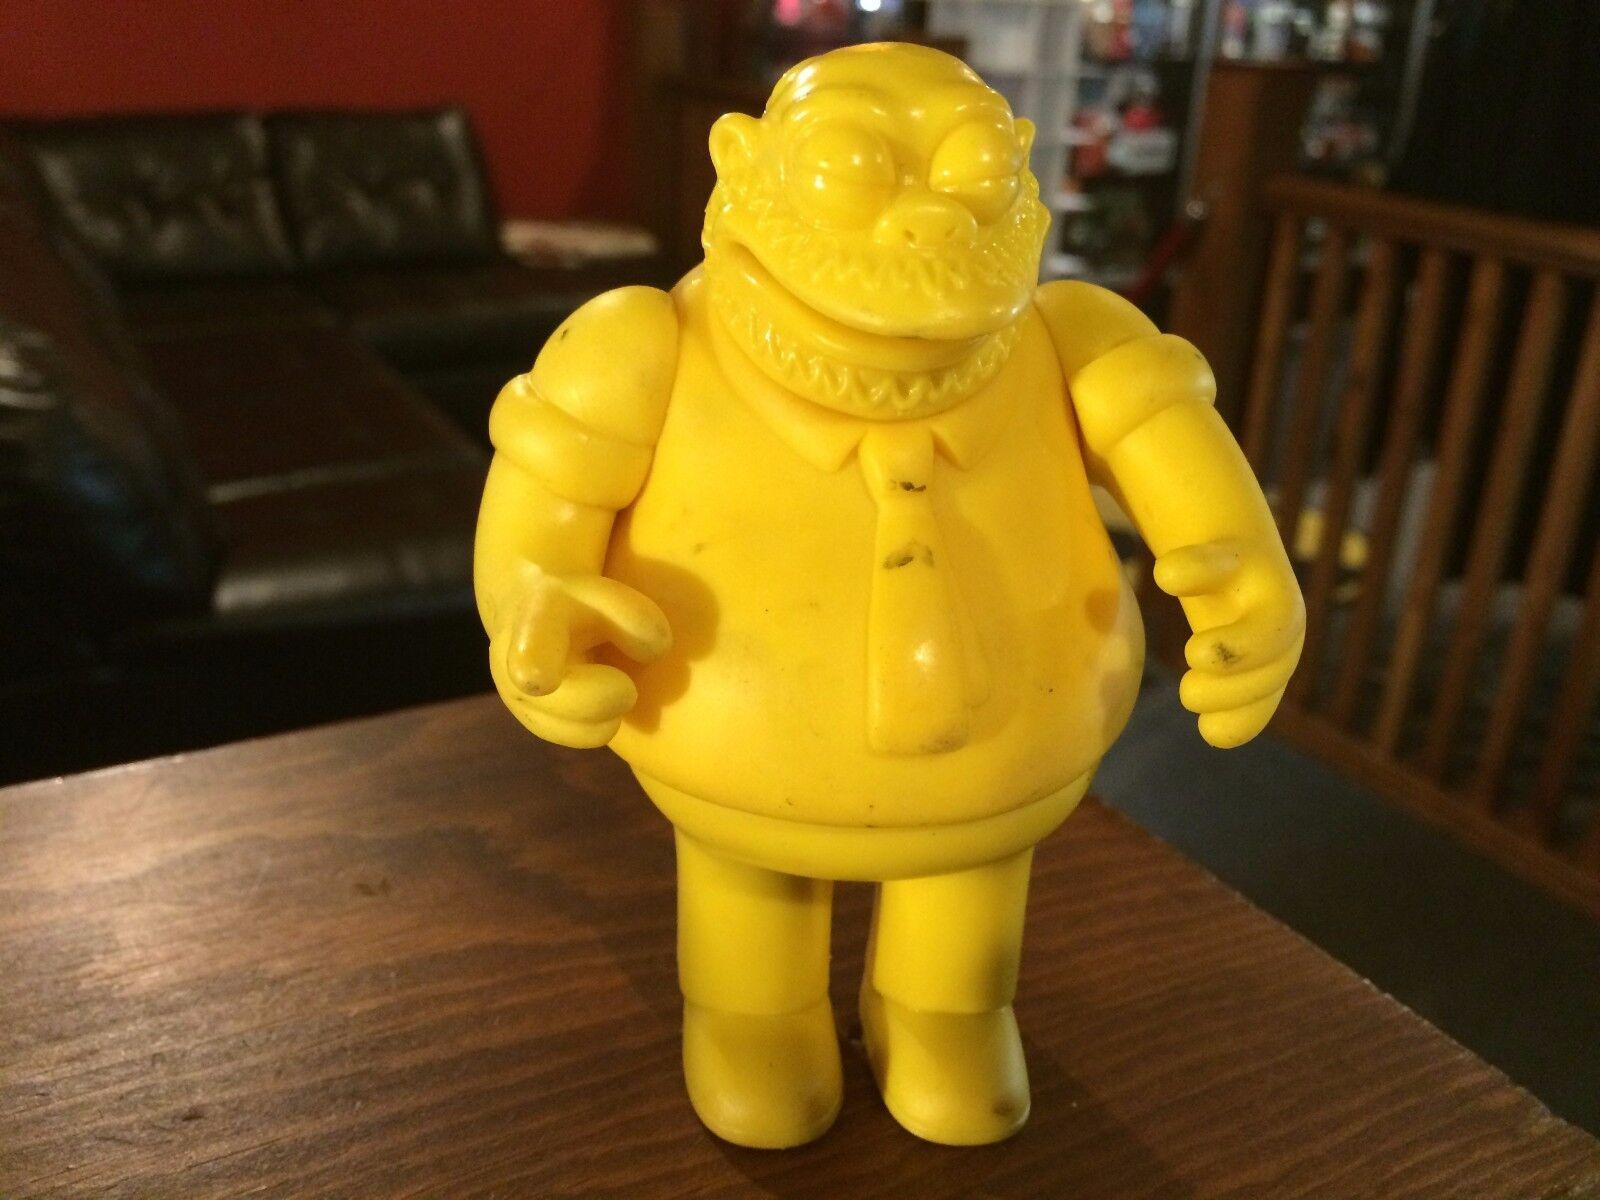 calidad oficial Projootipo de prueba de de de disparo Figura 2002 Jugarmates Simpsons S10 Marvin Monroe típico 56  distribución global